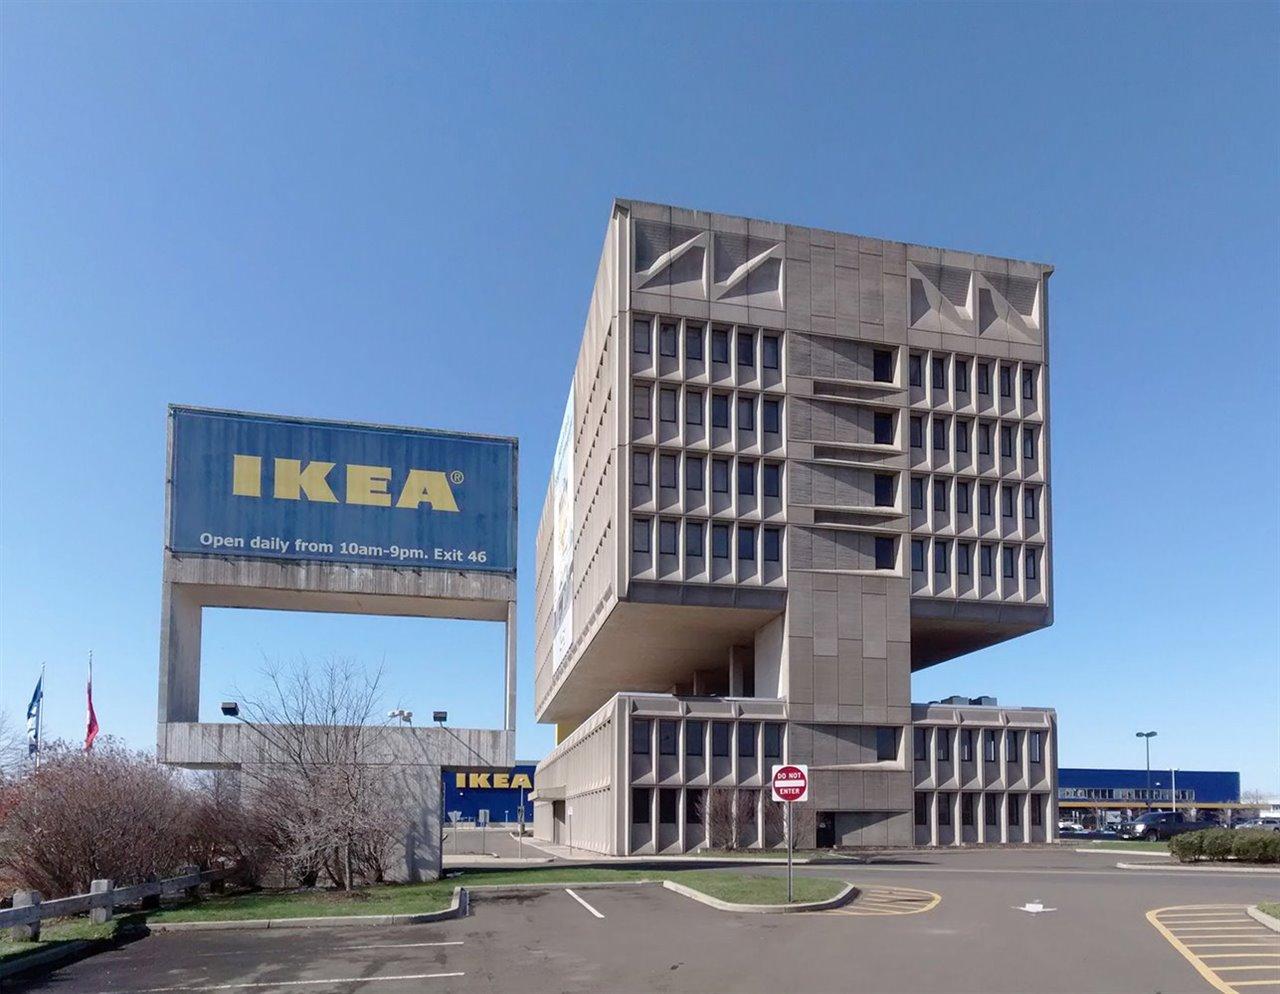 Aunque construyó una tienda en un terreno adyacente, Ikea no llegó a ocupar el edificio.